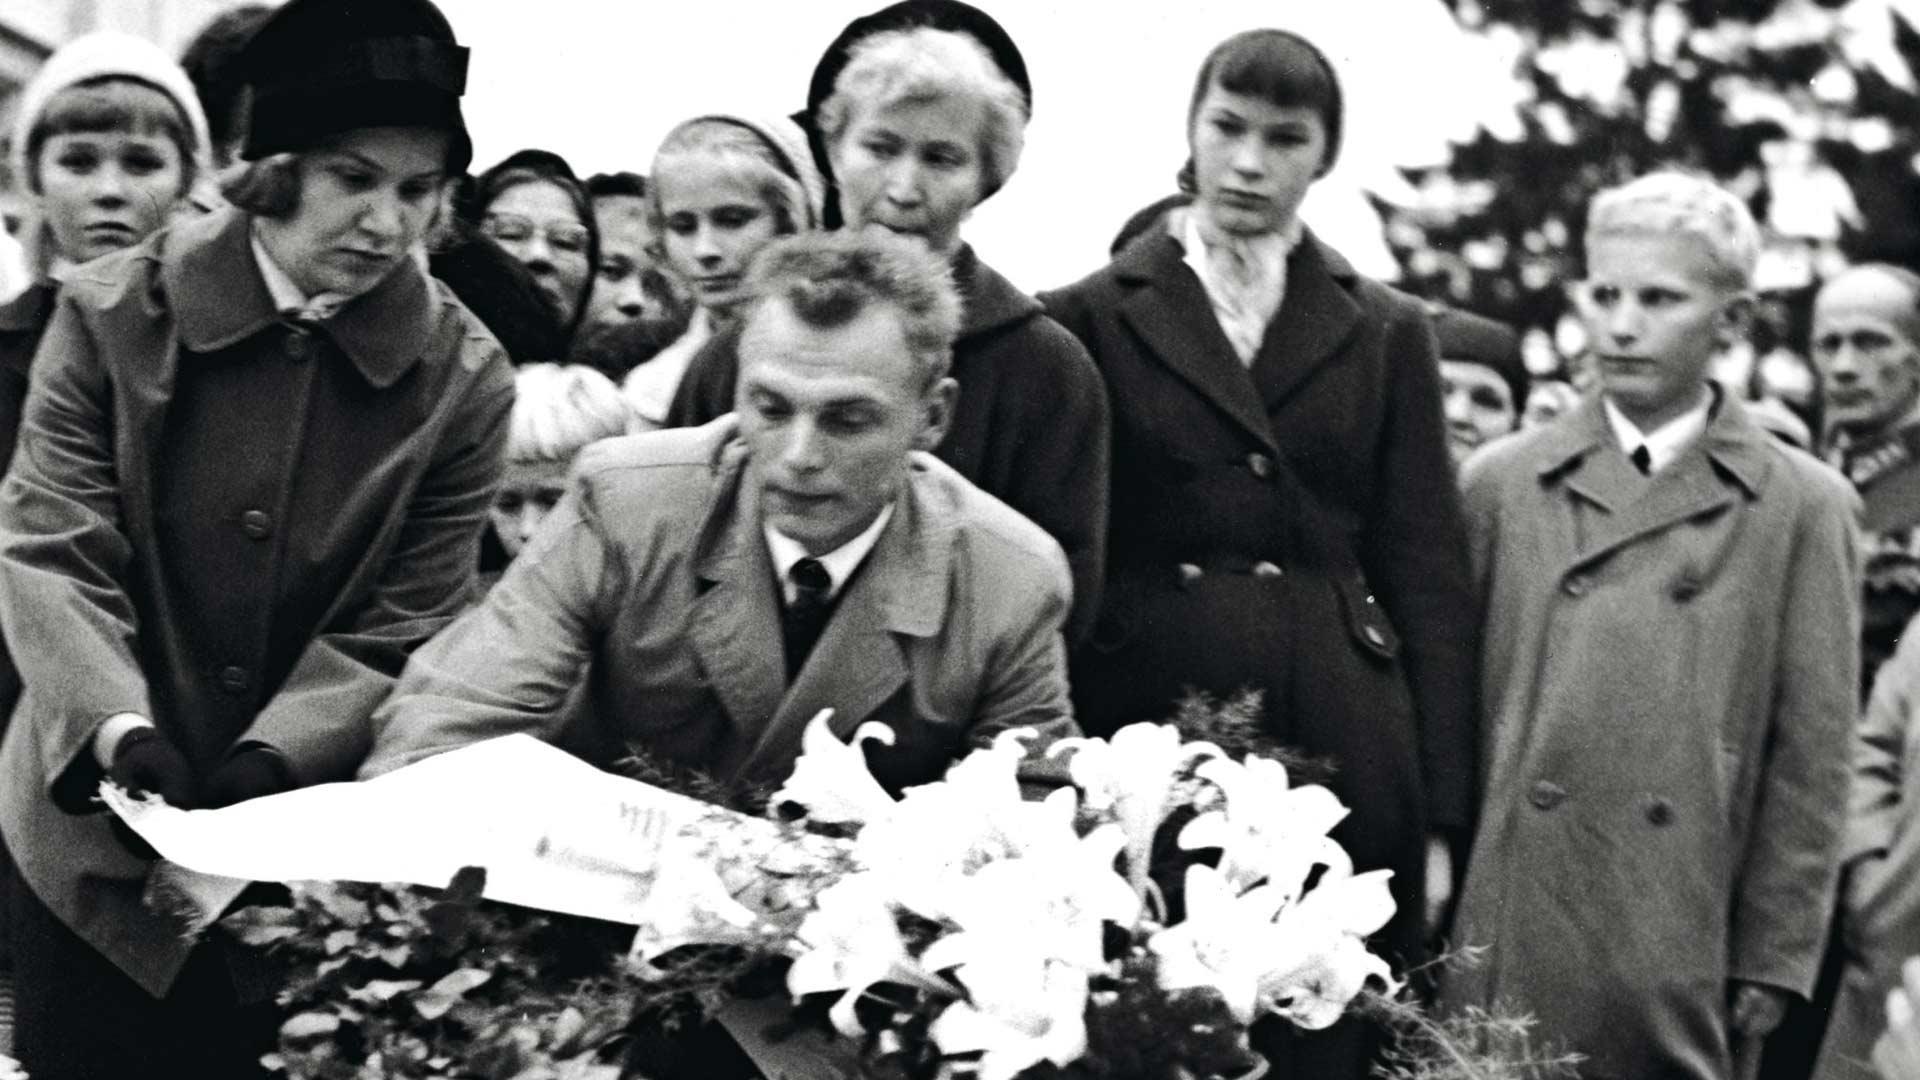 Onnettomuudesta pelastuneet laskivat seppeleen ystävilleen. Kuvassa Marja-Leena Hiljanen, Aarne Nurmela, Elsa Nevalainen, Ritva Vuoripuu ja Raimo Gröhn.